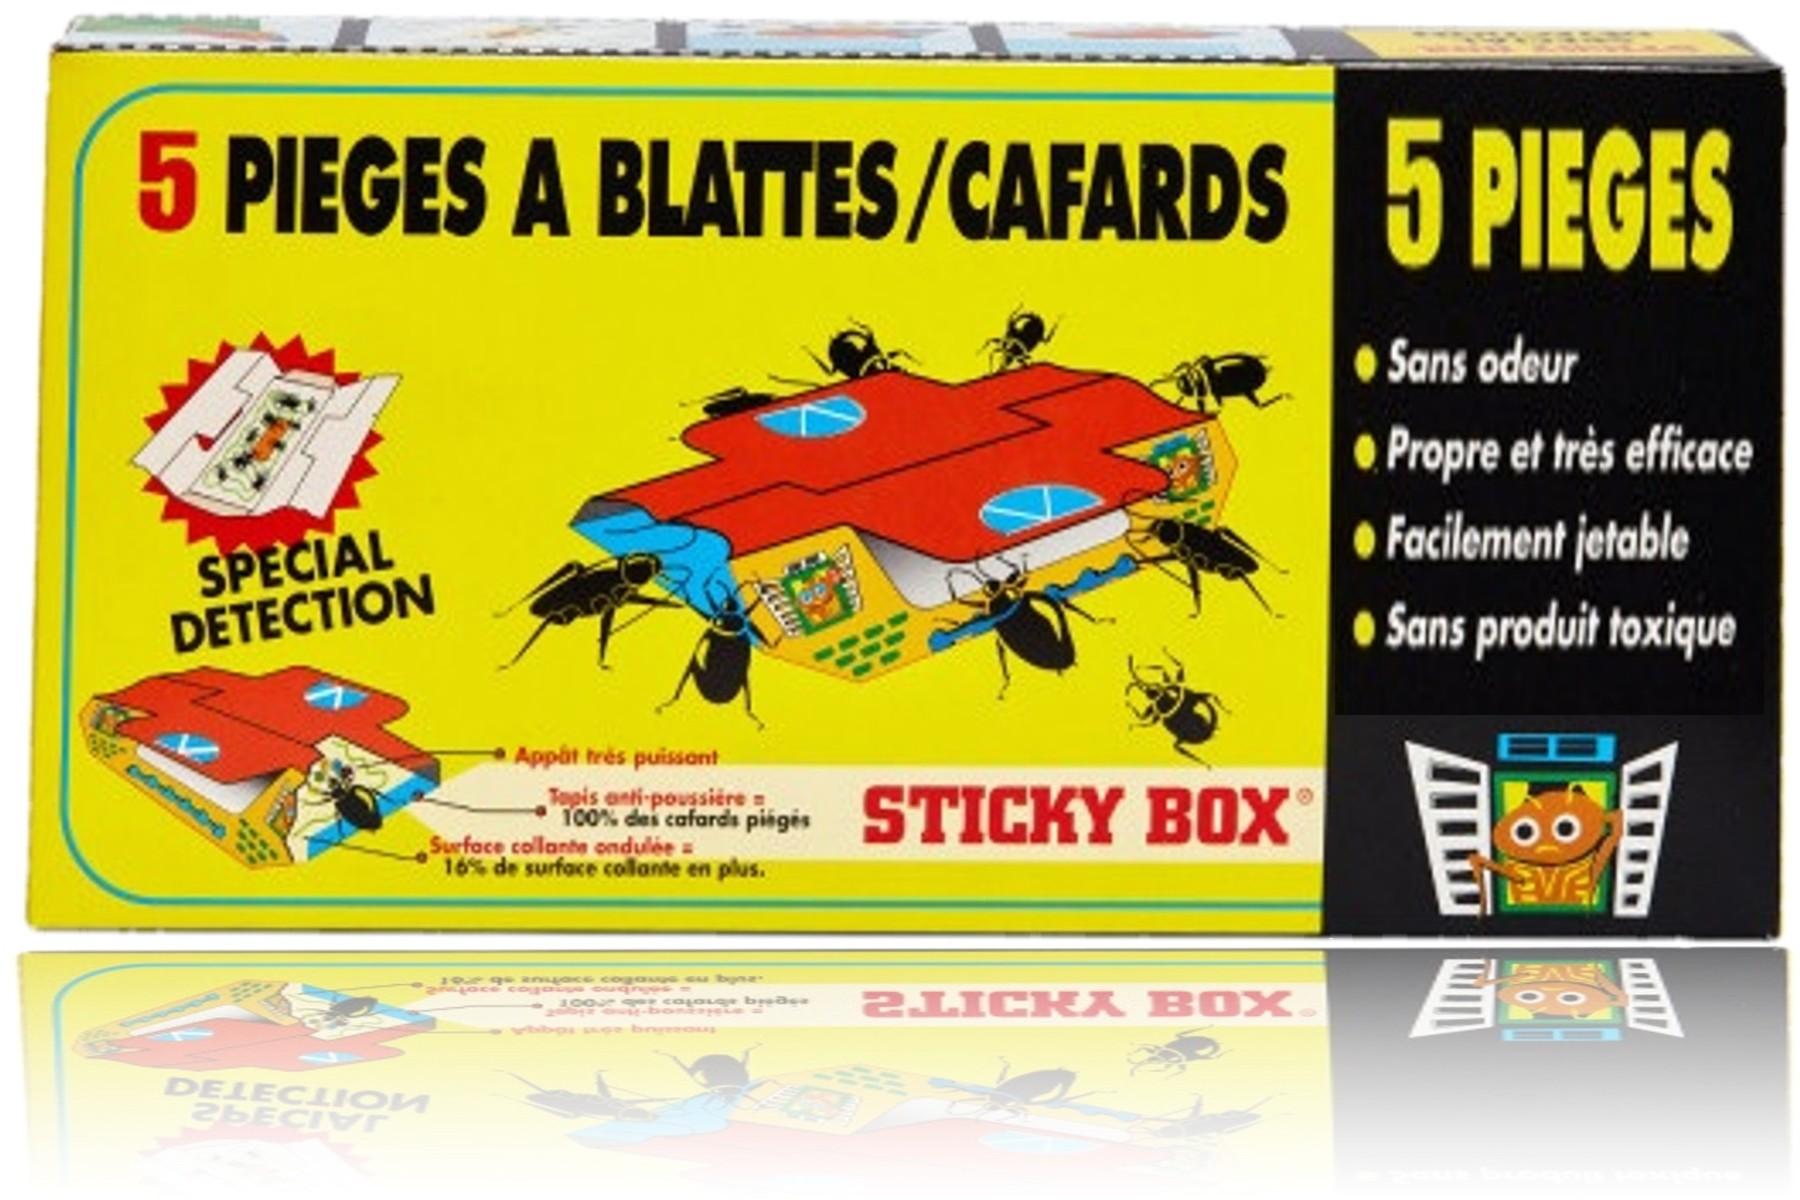 5 pièges à cafards et blattes Sticky Box